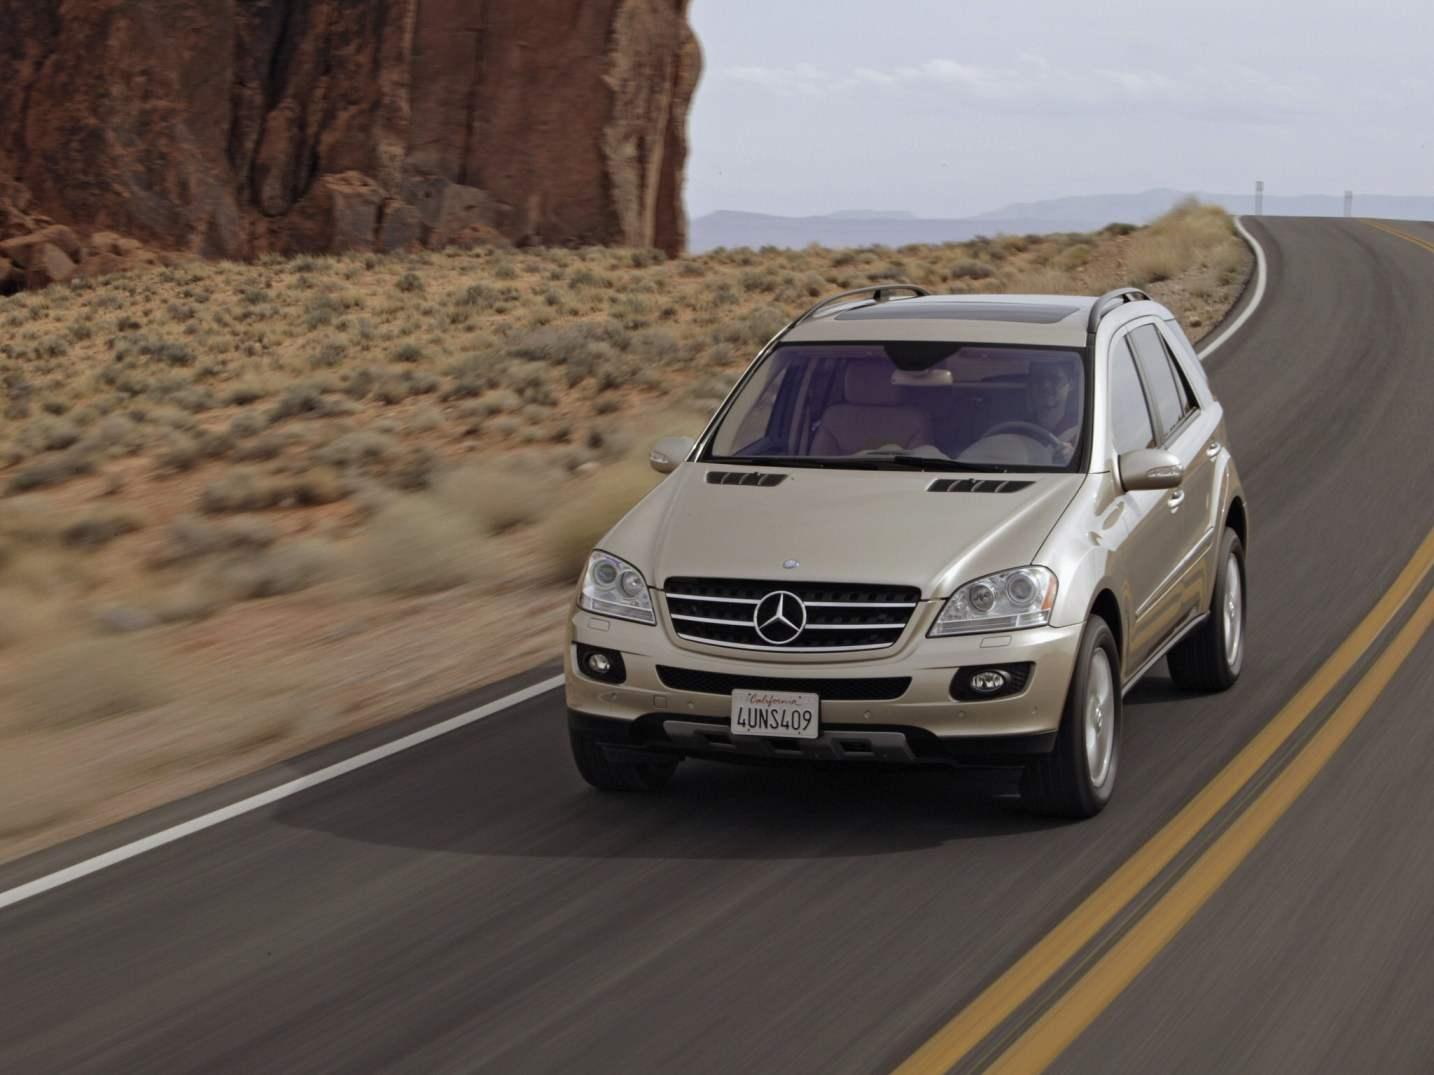 MERCEDES-BENZ ML500 — пятидверный универсал с 8-цилиндровым V-образным бензиновым мотором мощностью 306 л.с. выпуска 2005 года